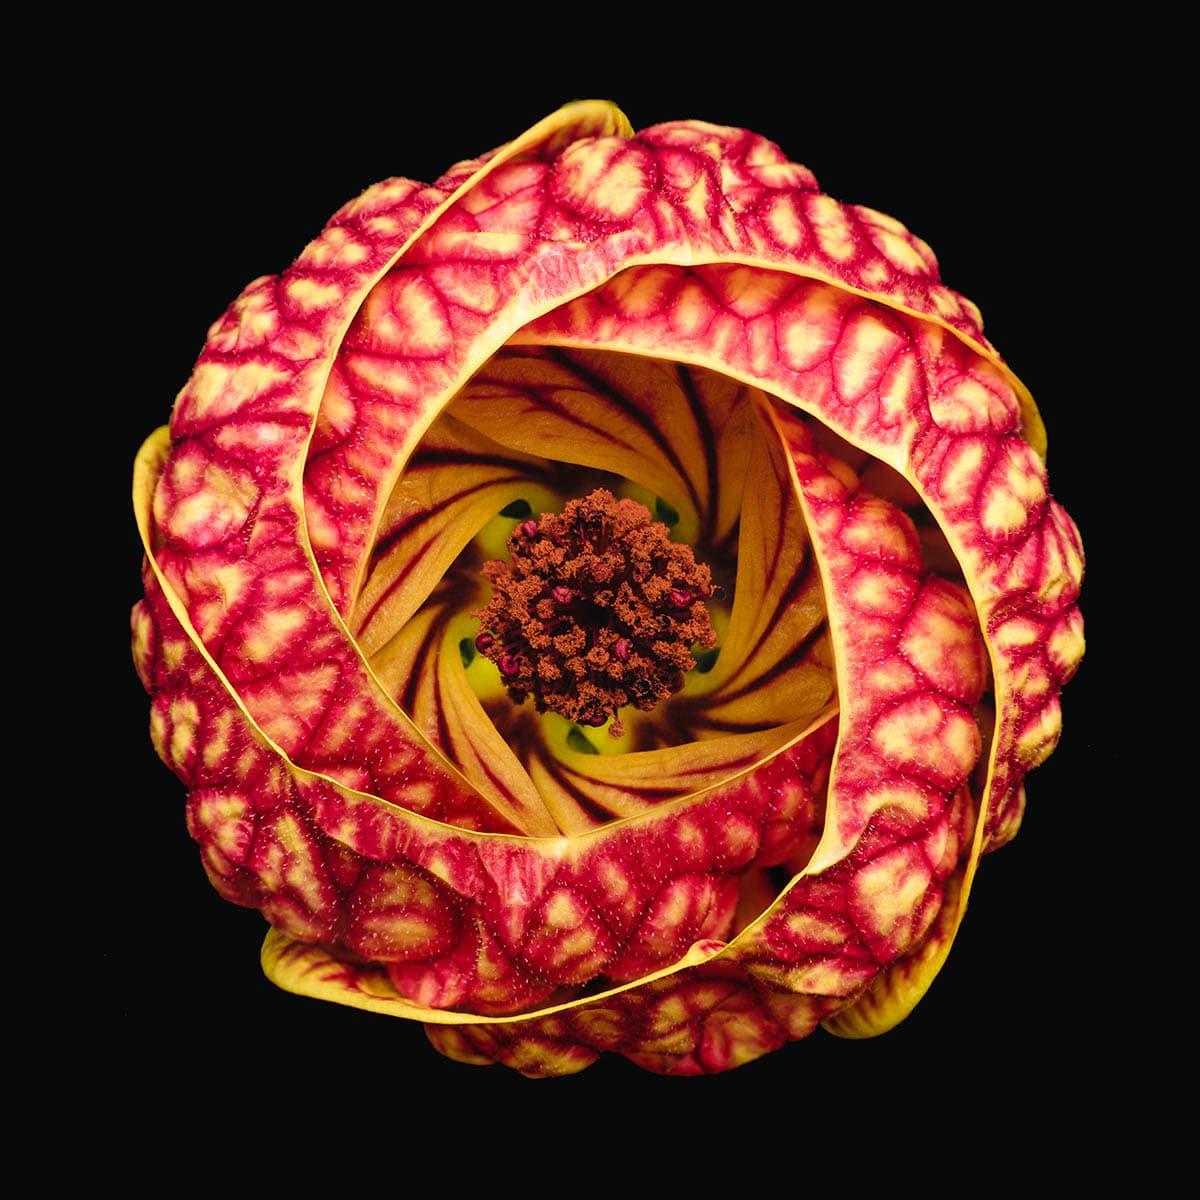 macro photography vortex blossom by bruno militelli